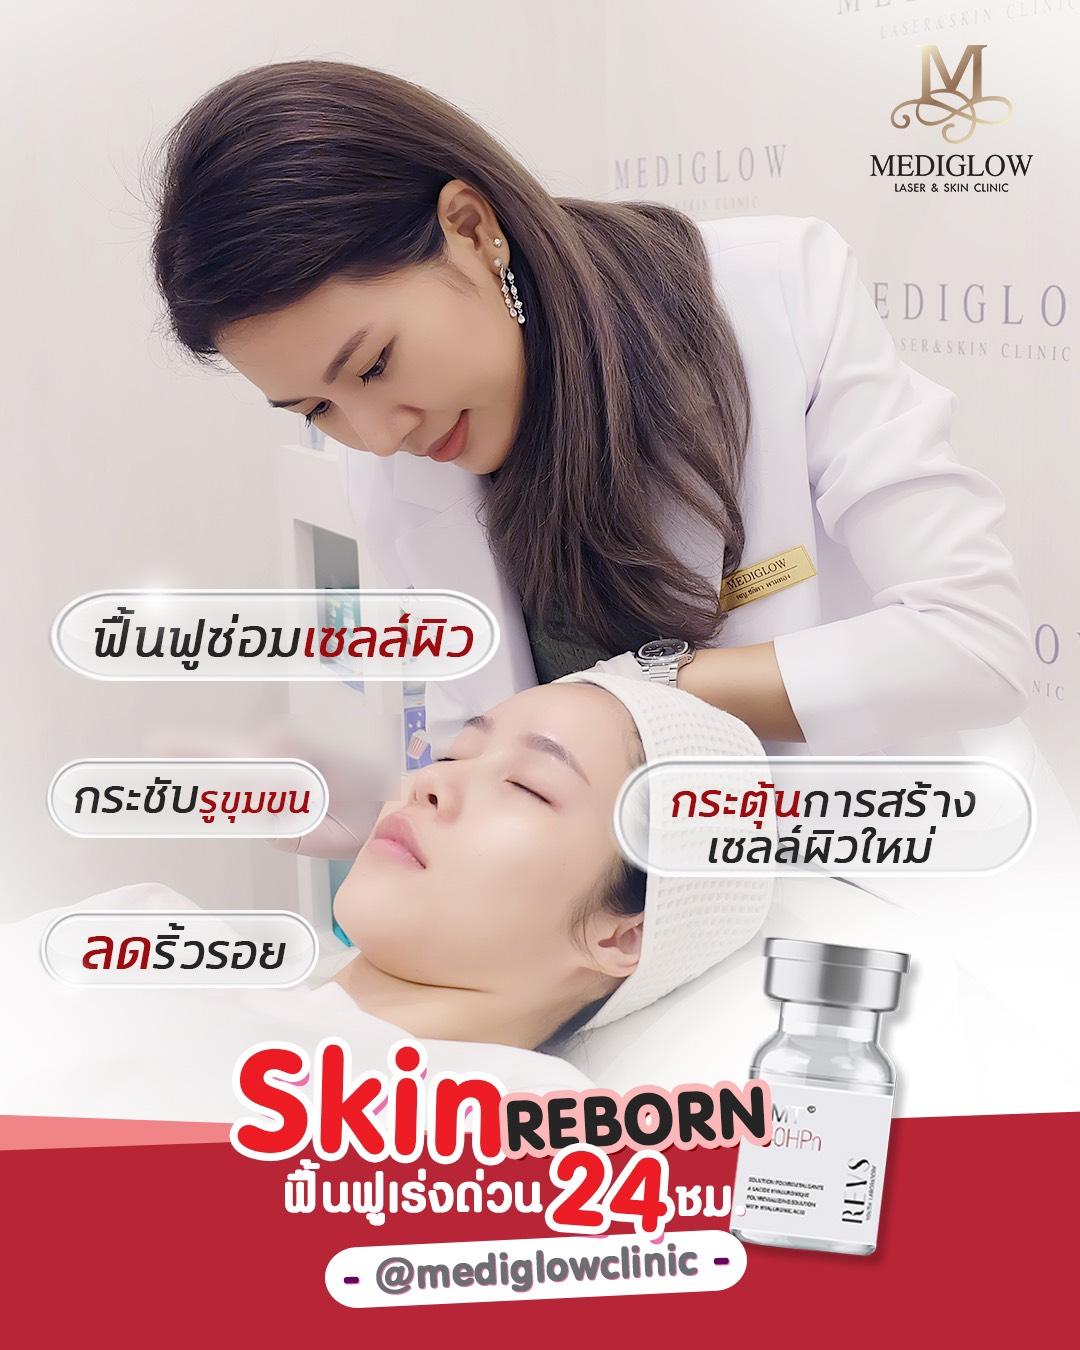 Skin Reborn โกงอายุผิว ย้อนอายุเซลล์ผิว